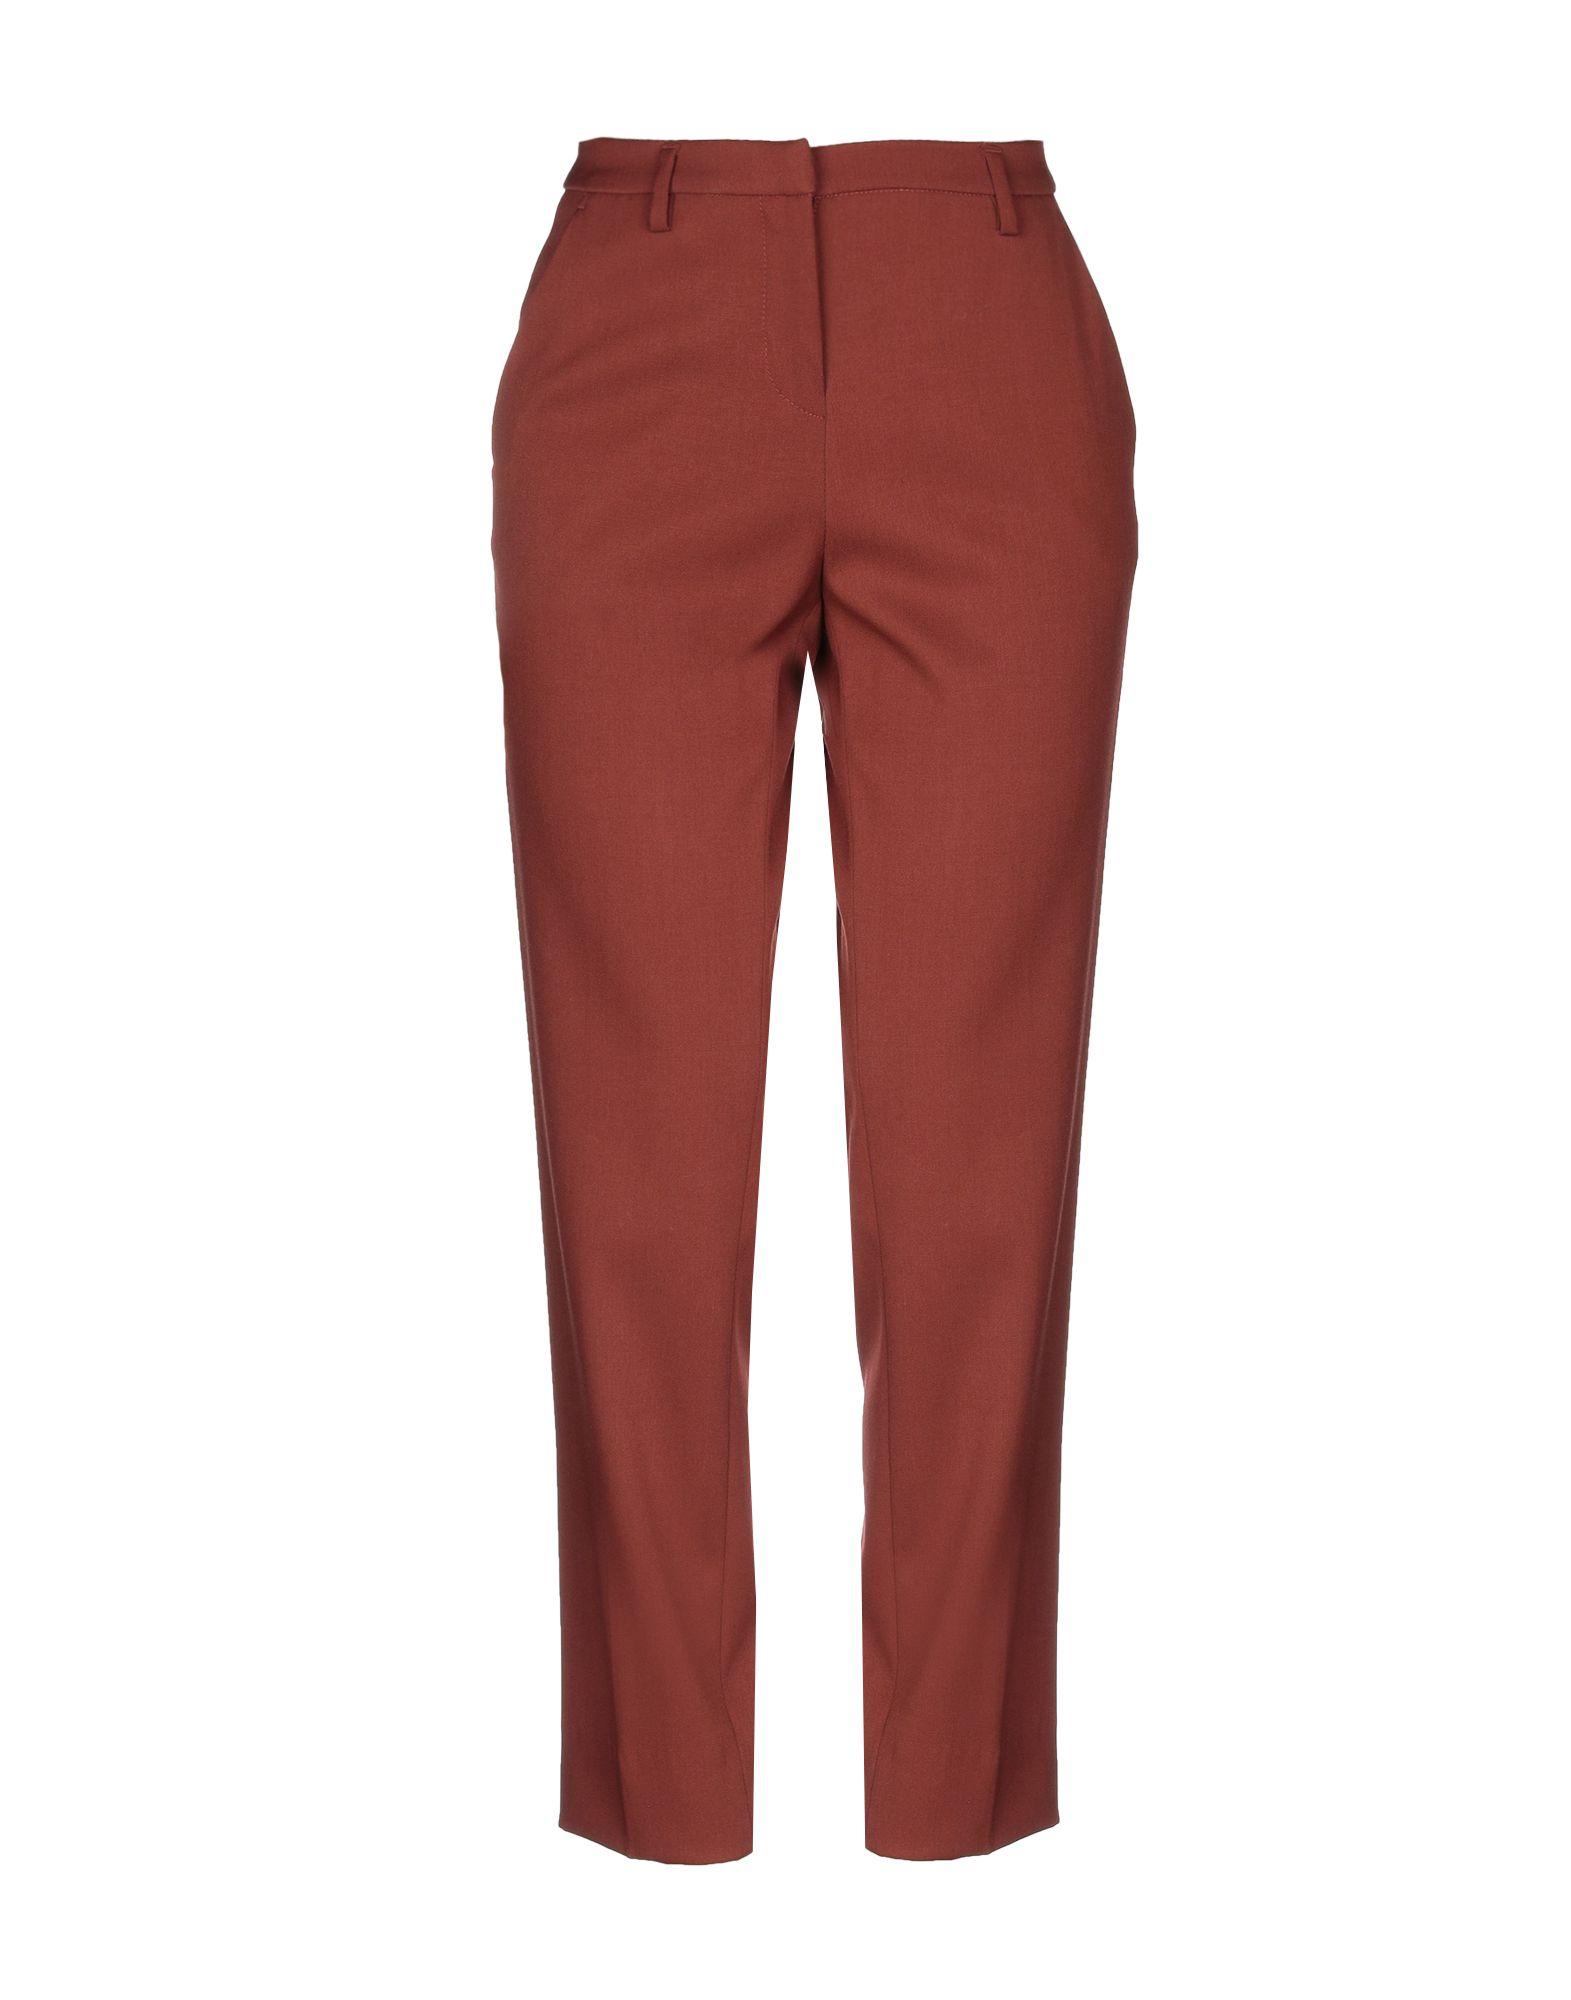 Pantalone Metradamo donna donna - 13255895EH  bis zu 50% sparen